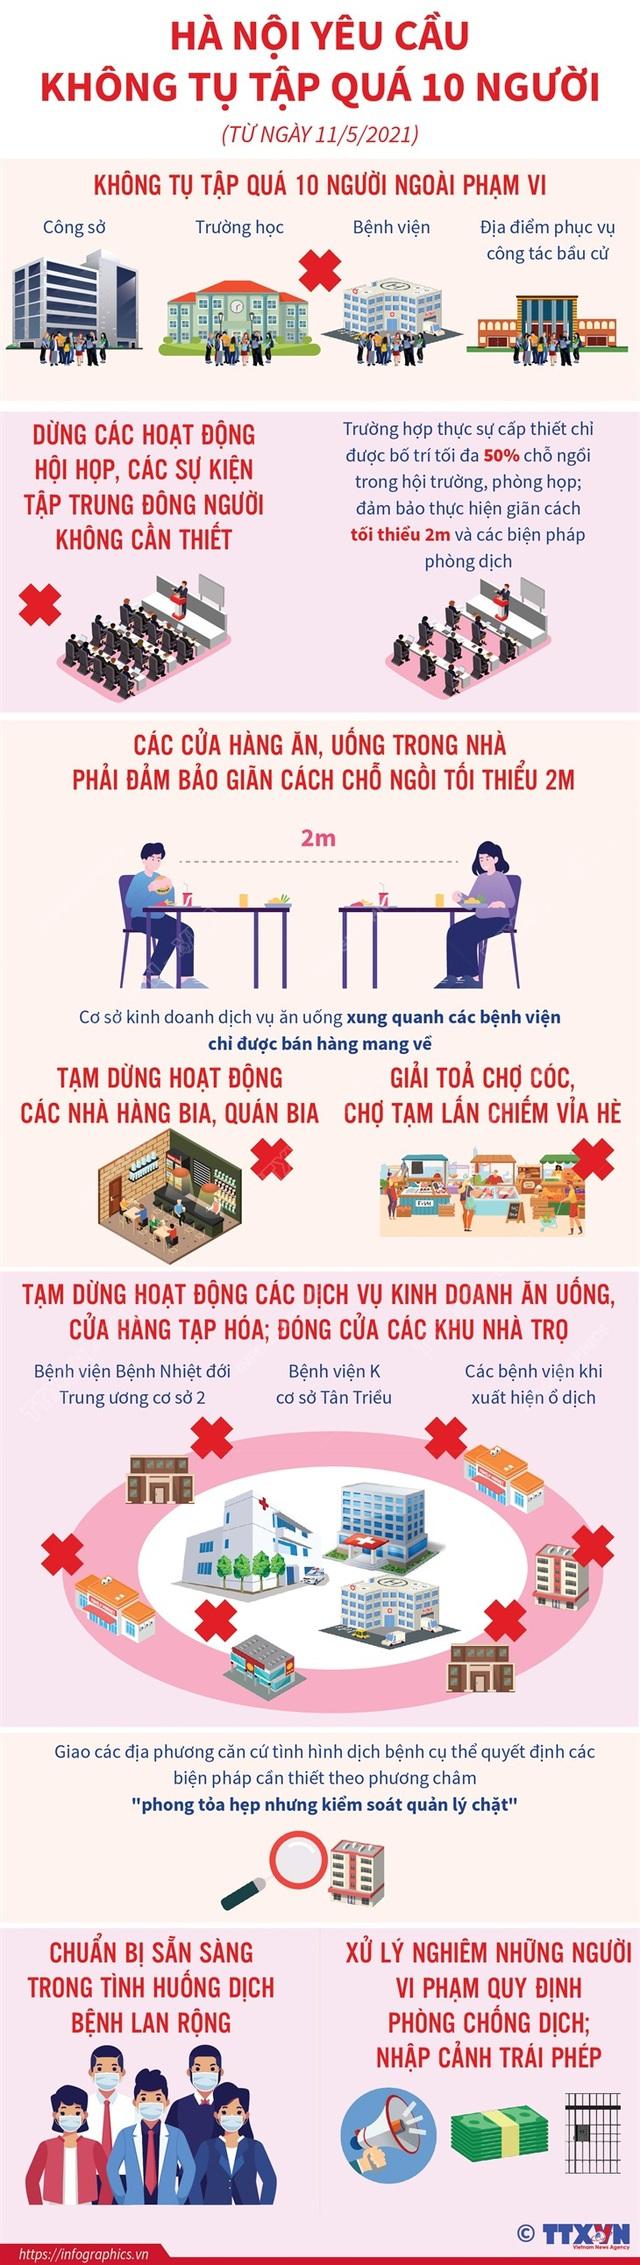 [Infographic] Chỉ thị 12 về phòng chống dịch COVID-19 của Hà Nội quy định những điều gì? - Ảnh 1.